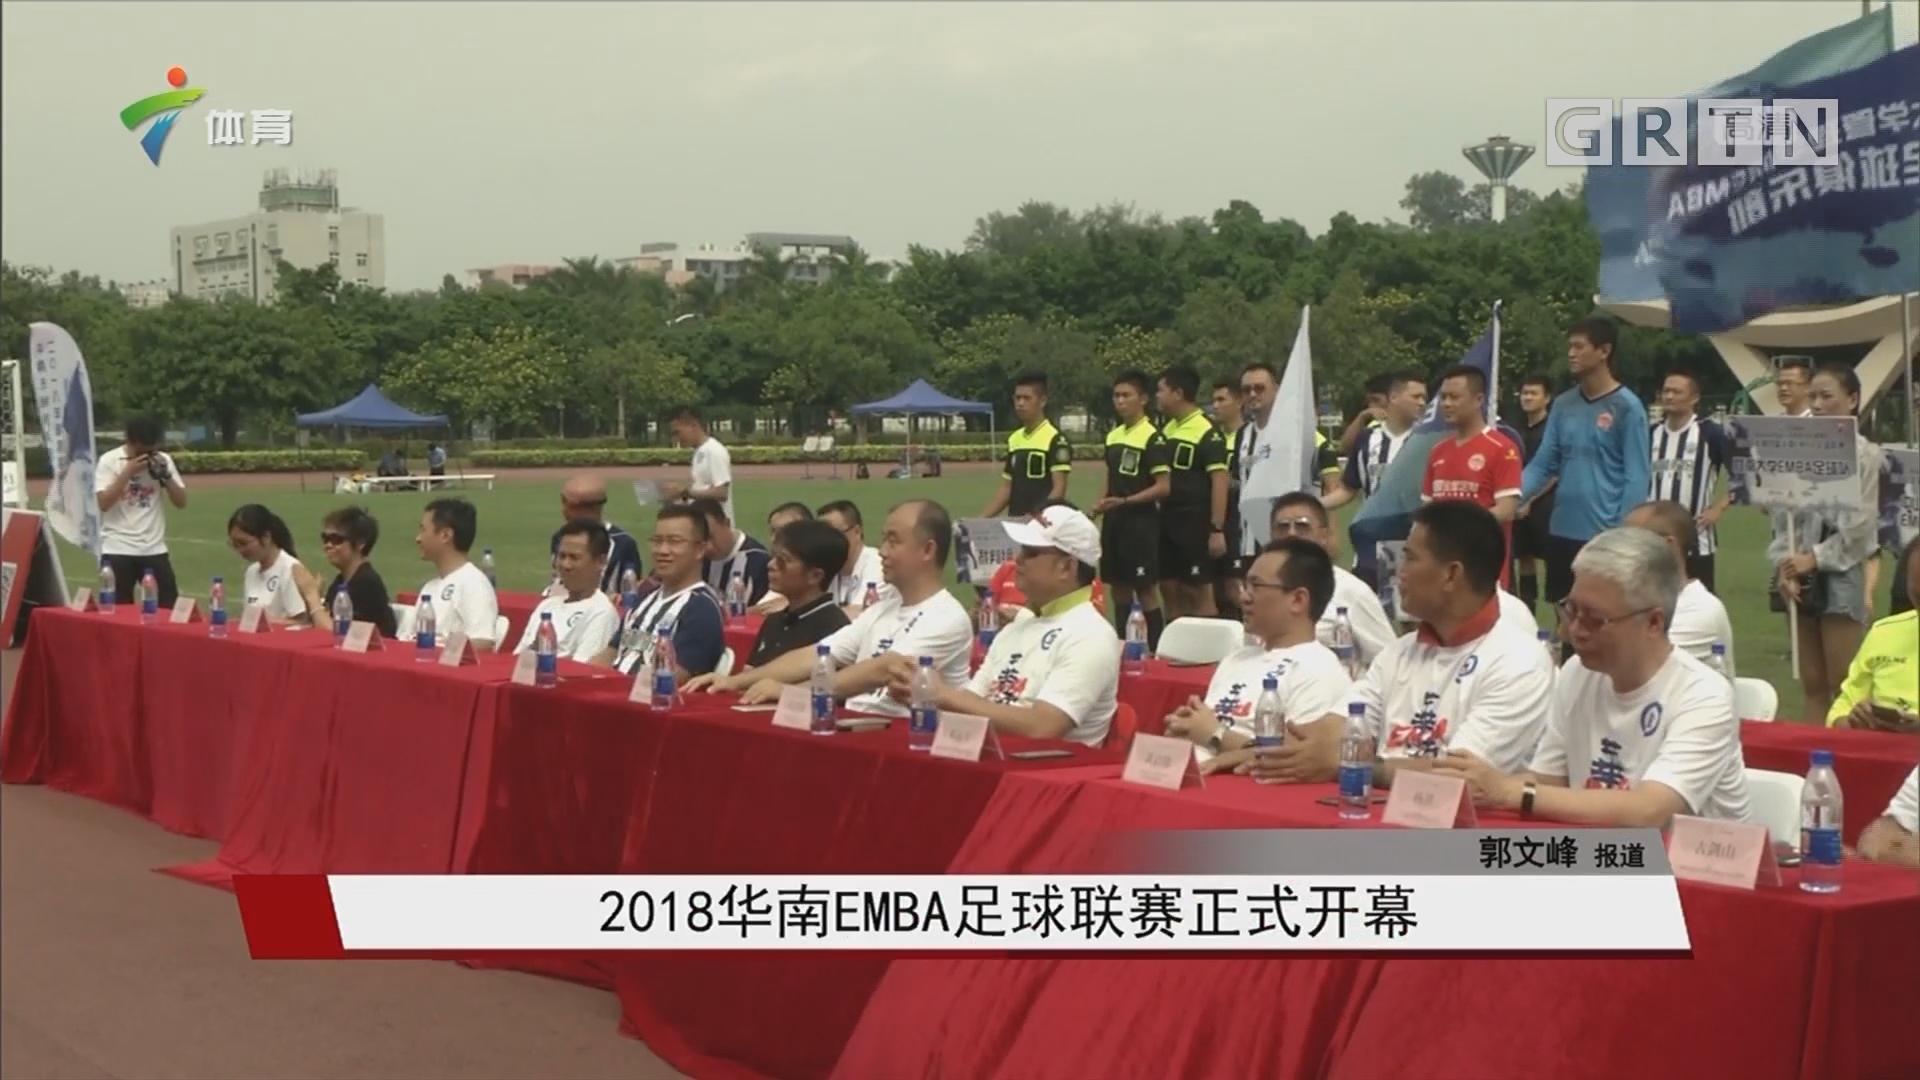 2018华南EMBA足球联赛正式开幕